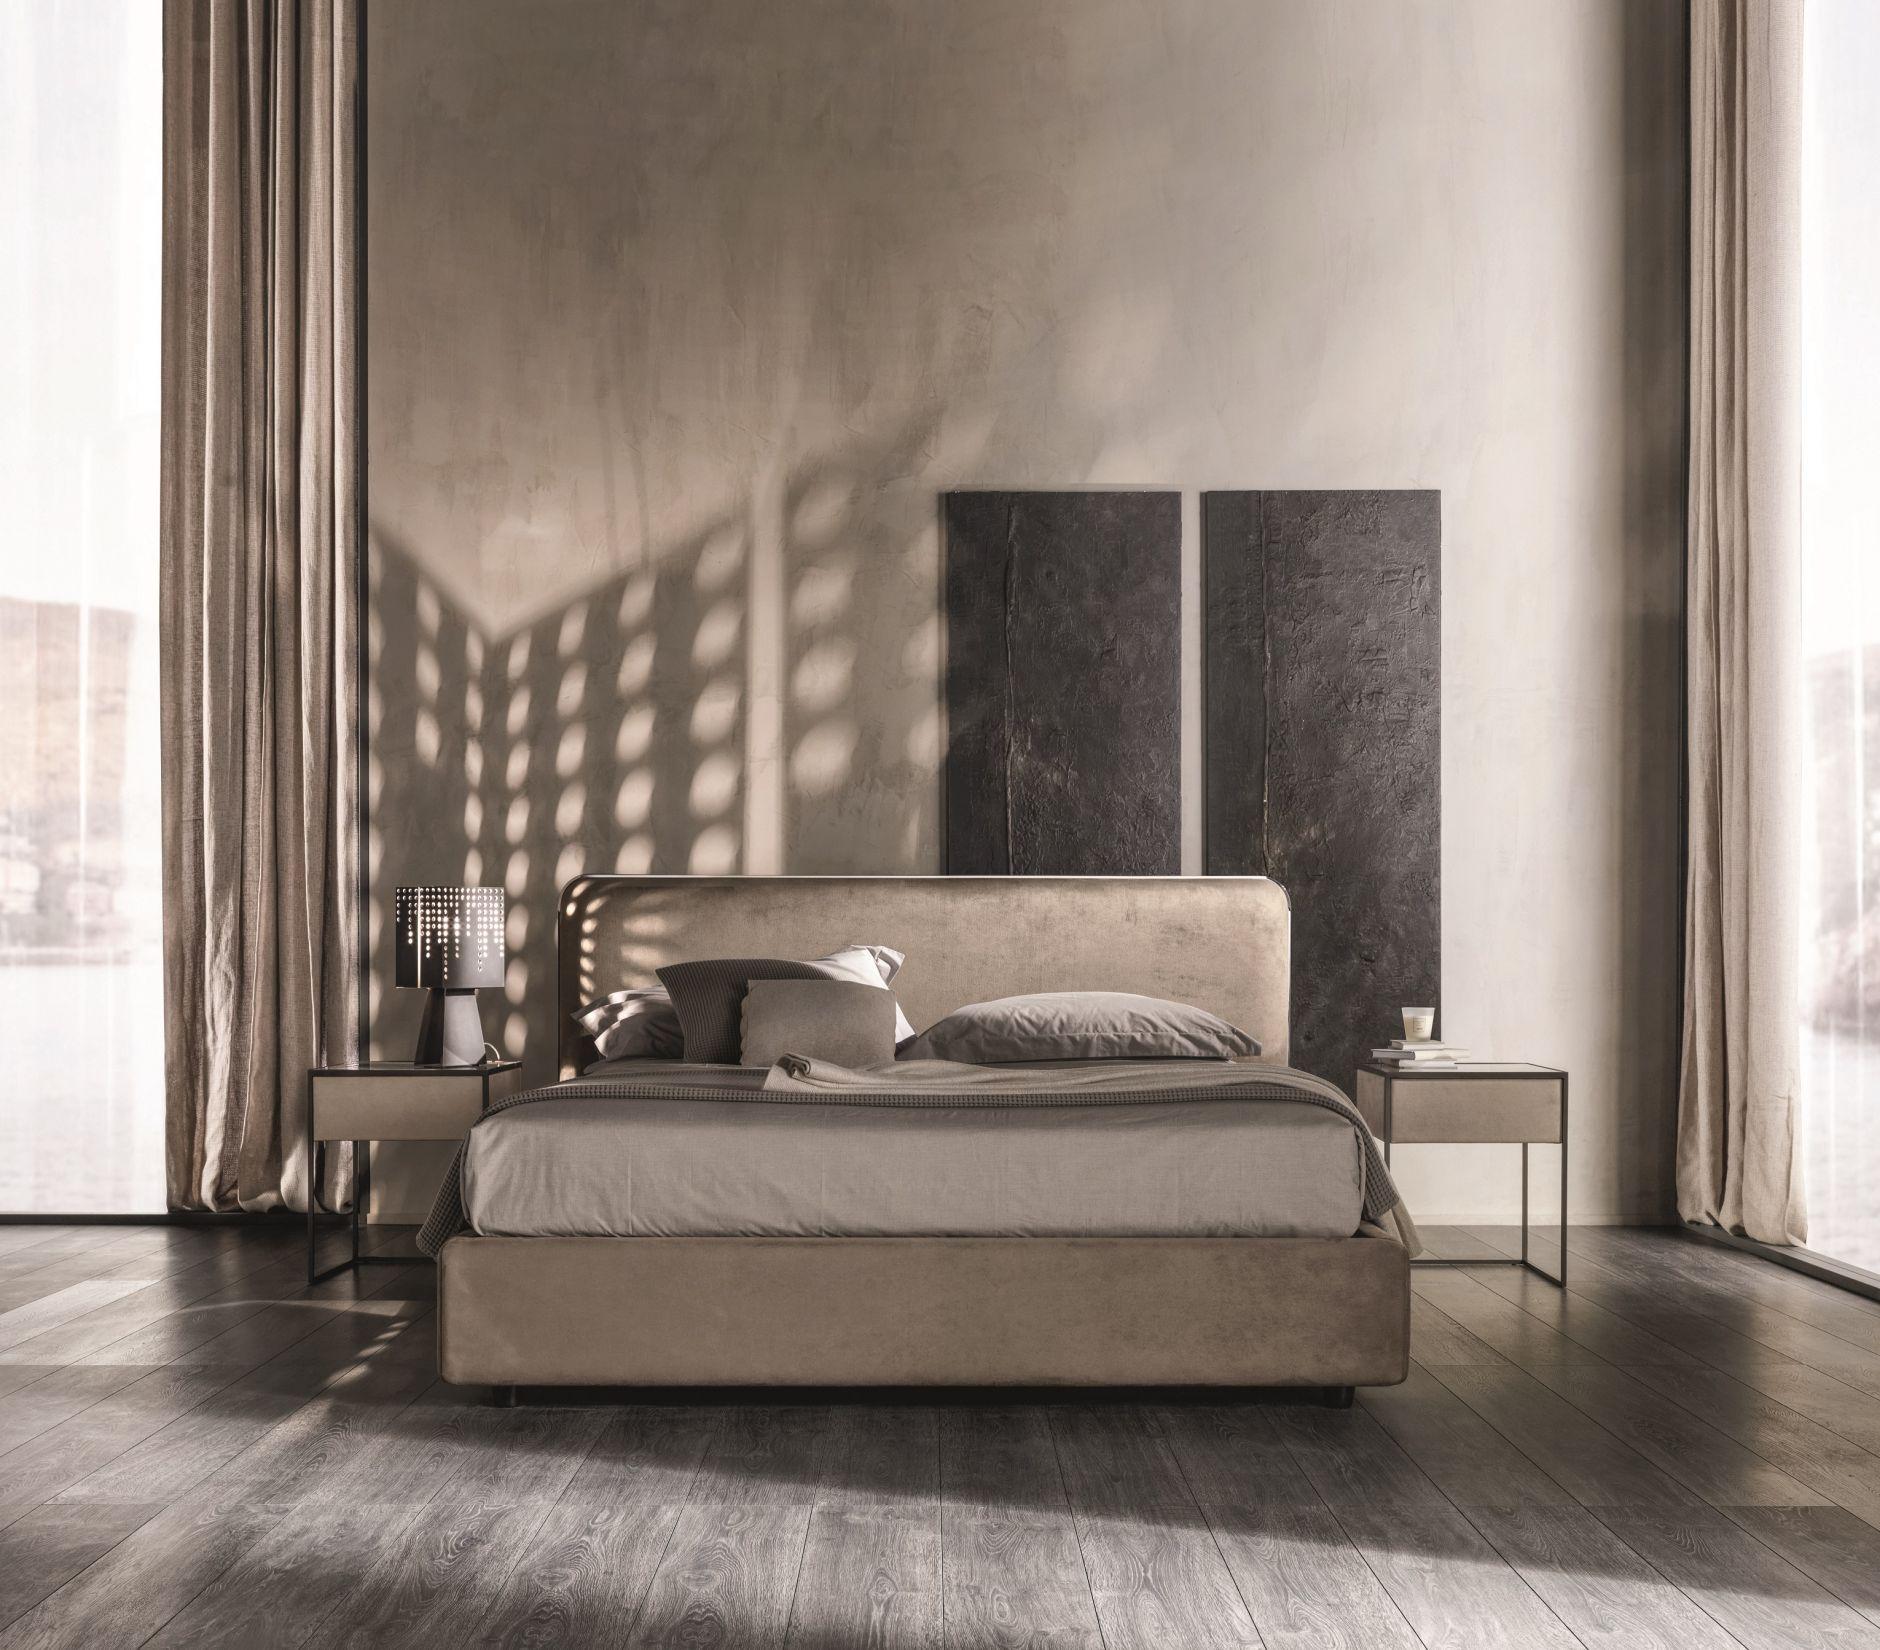 Muebles Neocl Sicos Serie Dormitorio De Elvis Cantorimuebles De  # Muebles Neoclasicos